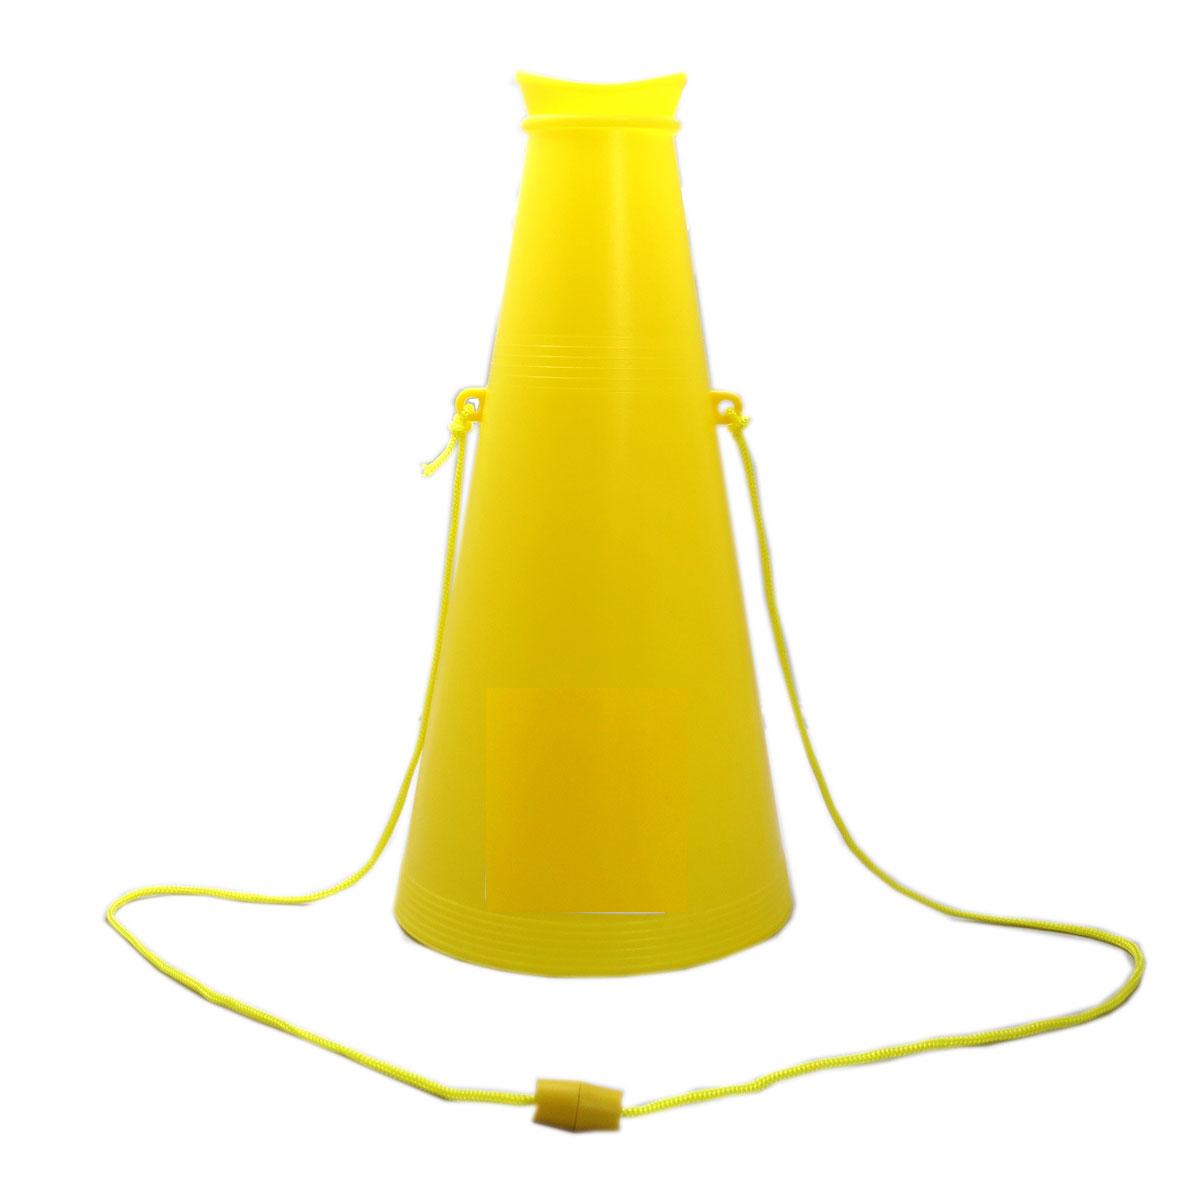 メガホン 黄色 26cm 応援・学園祭・体育祭・運動会 140個セット販売